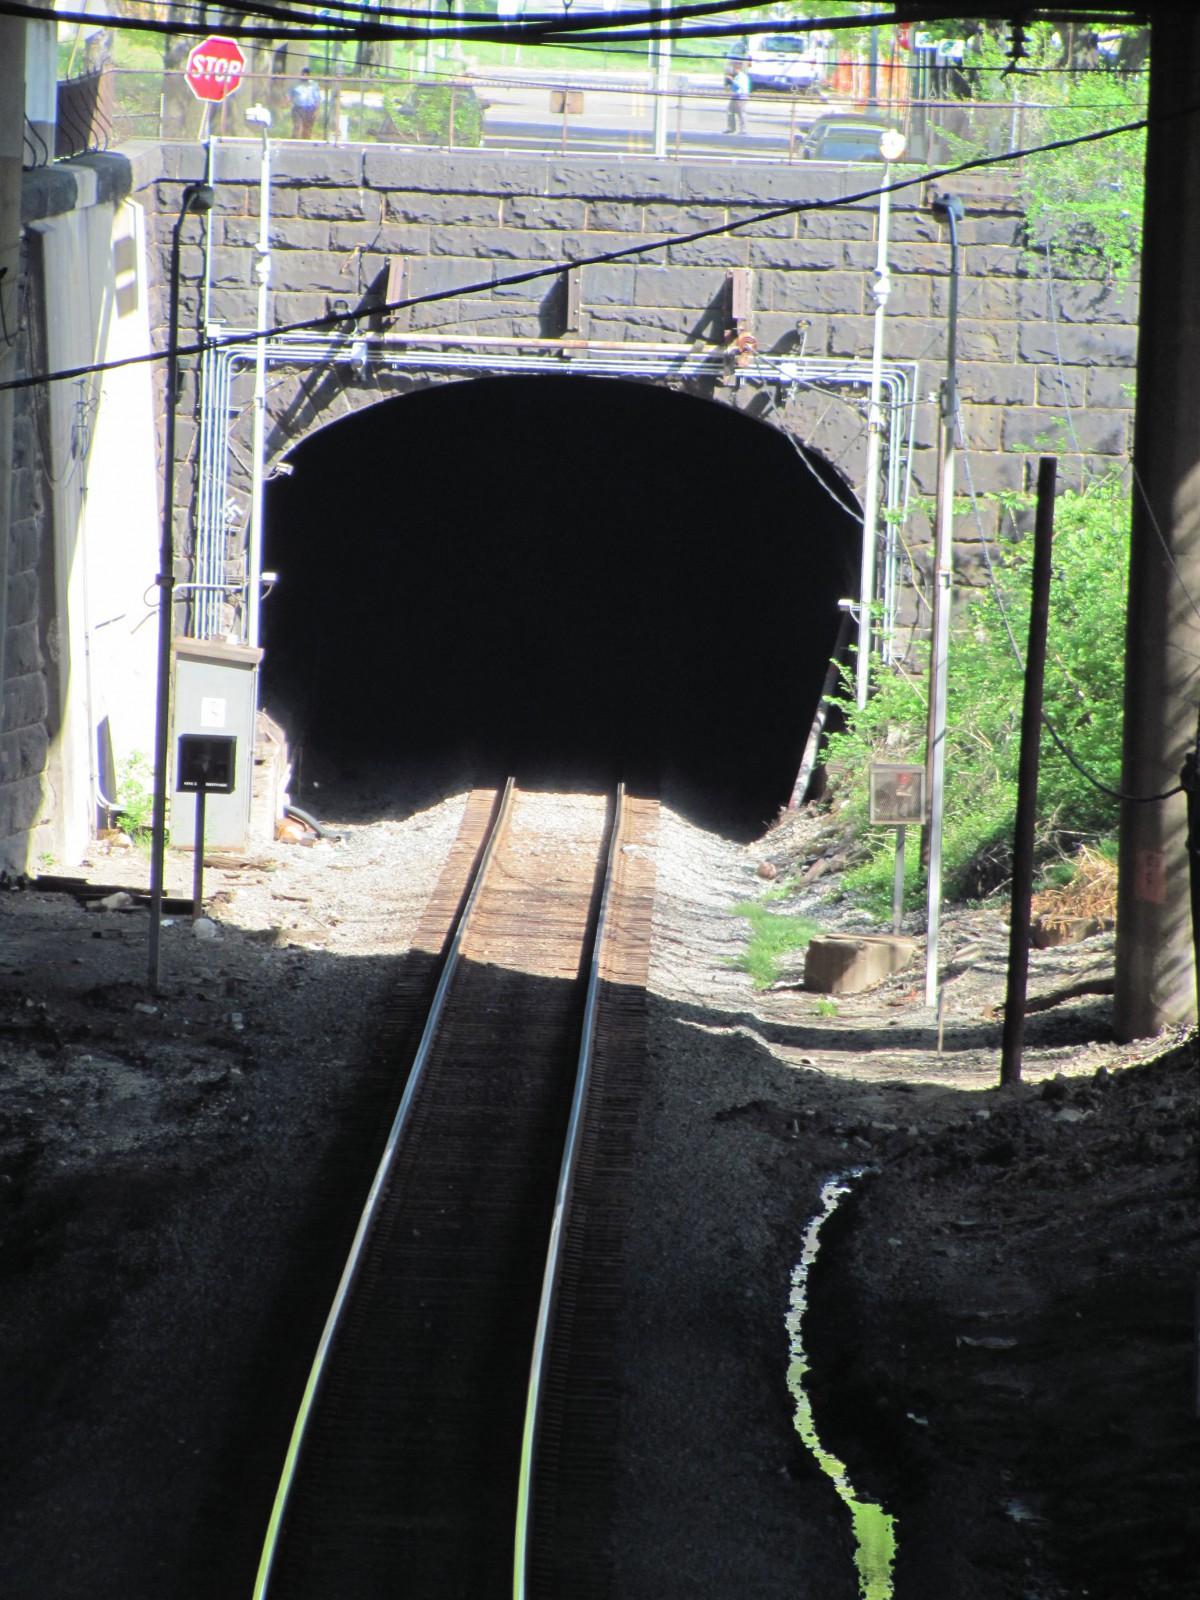 D D O on Us Rail Cars